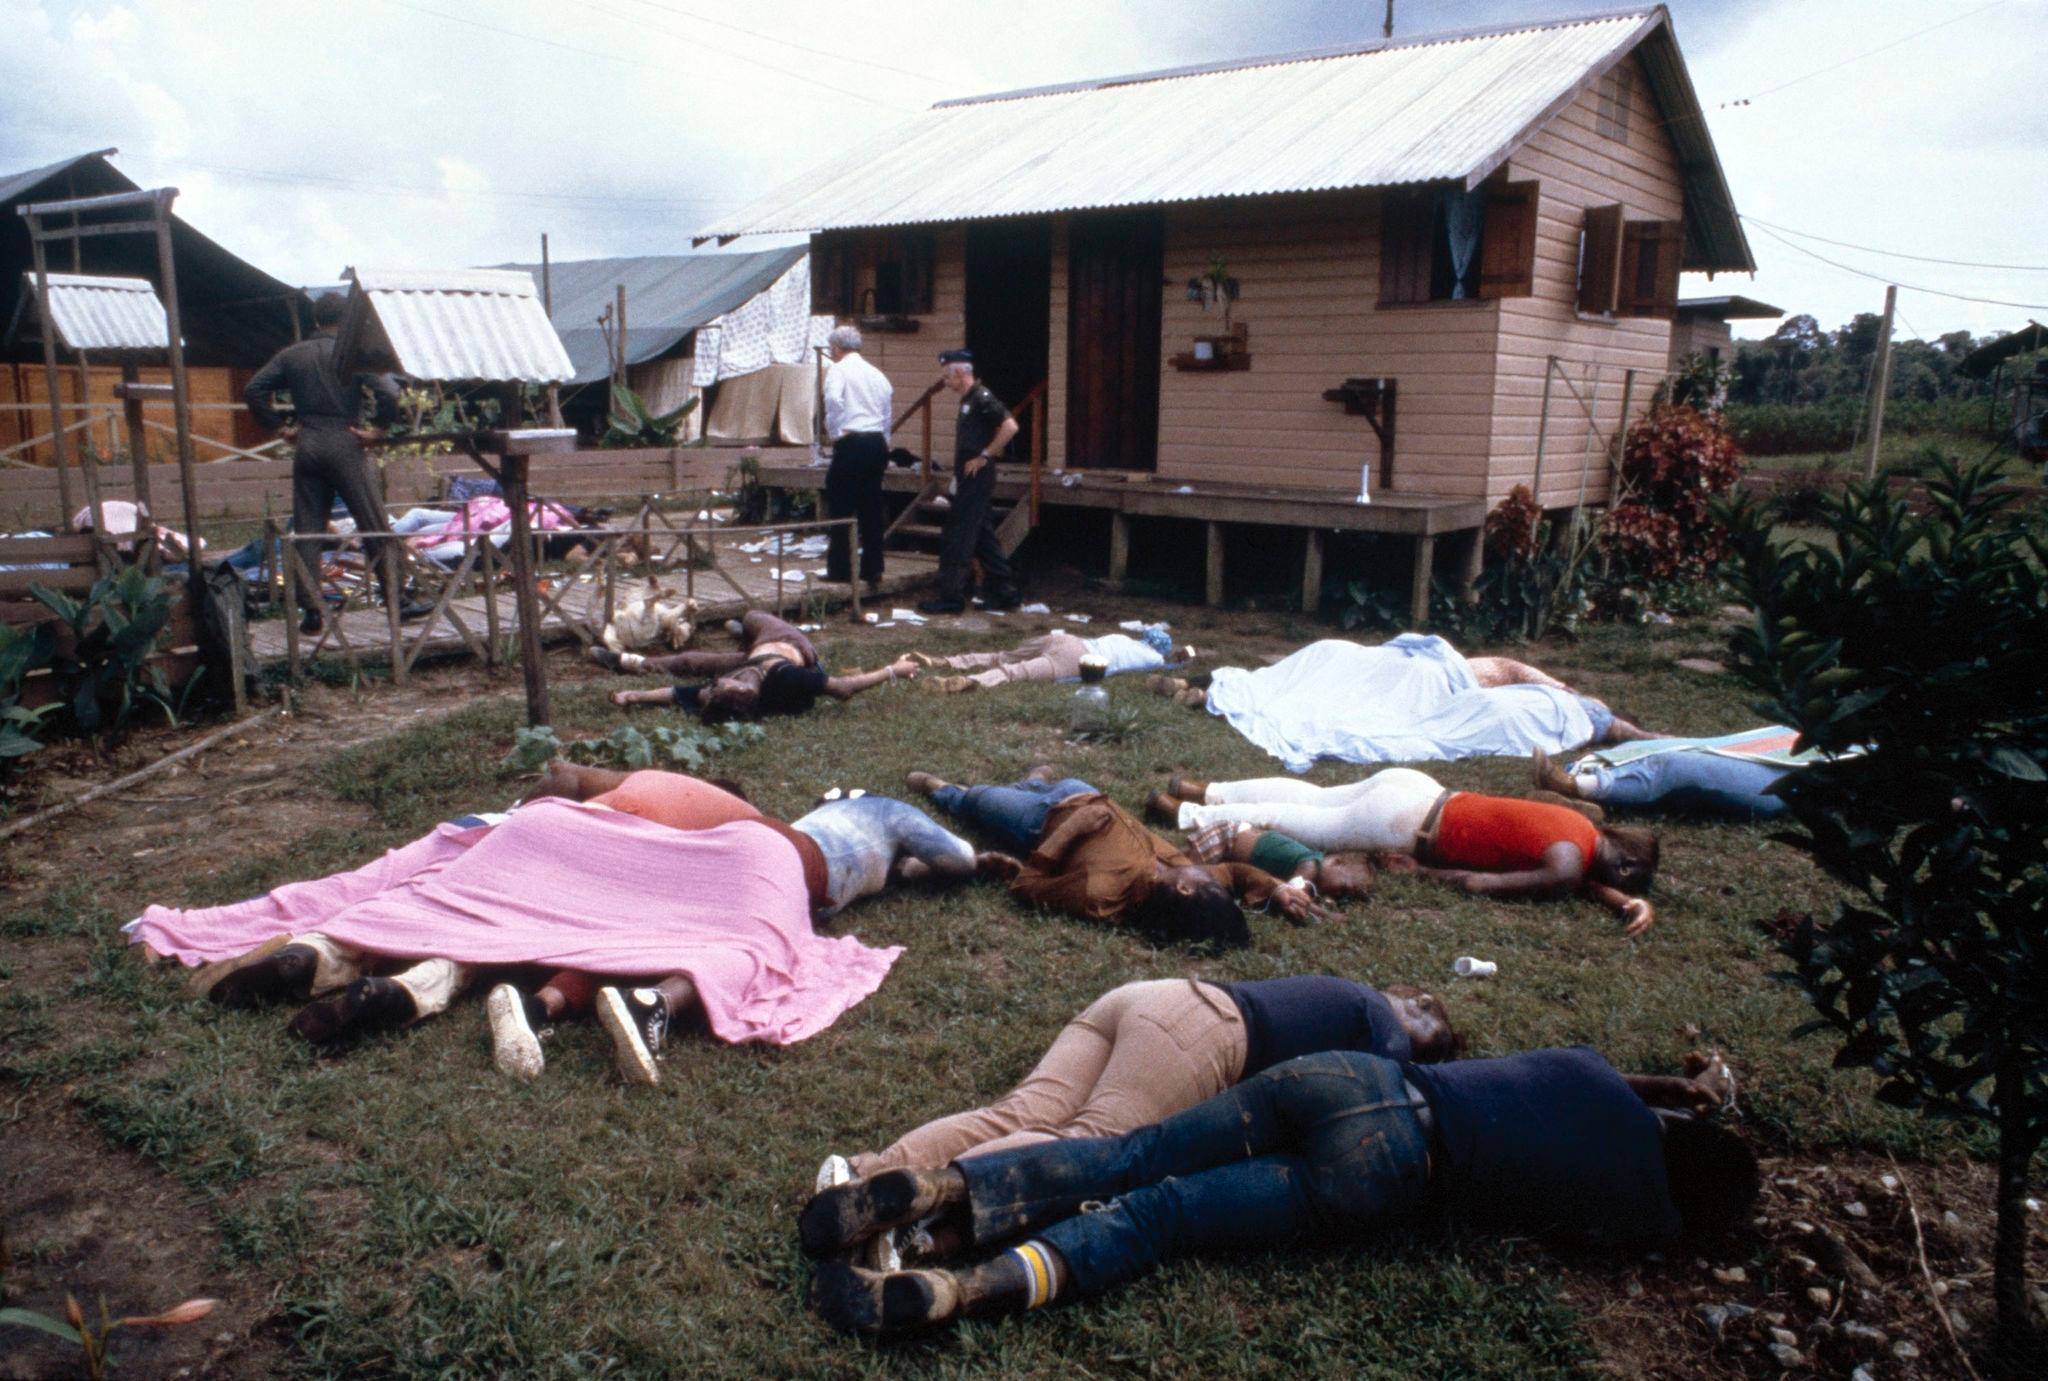 1978. Следователи осматривают состав культа Народного храма 18 ноября 1978 года в Джонстауне, Гайана.jpg